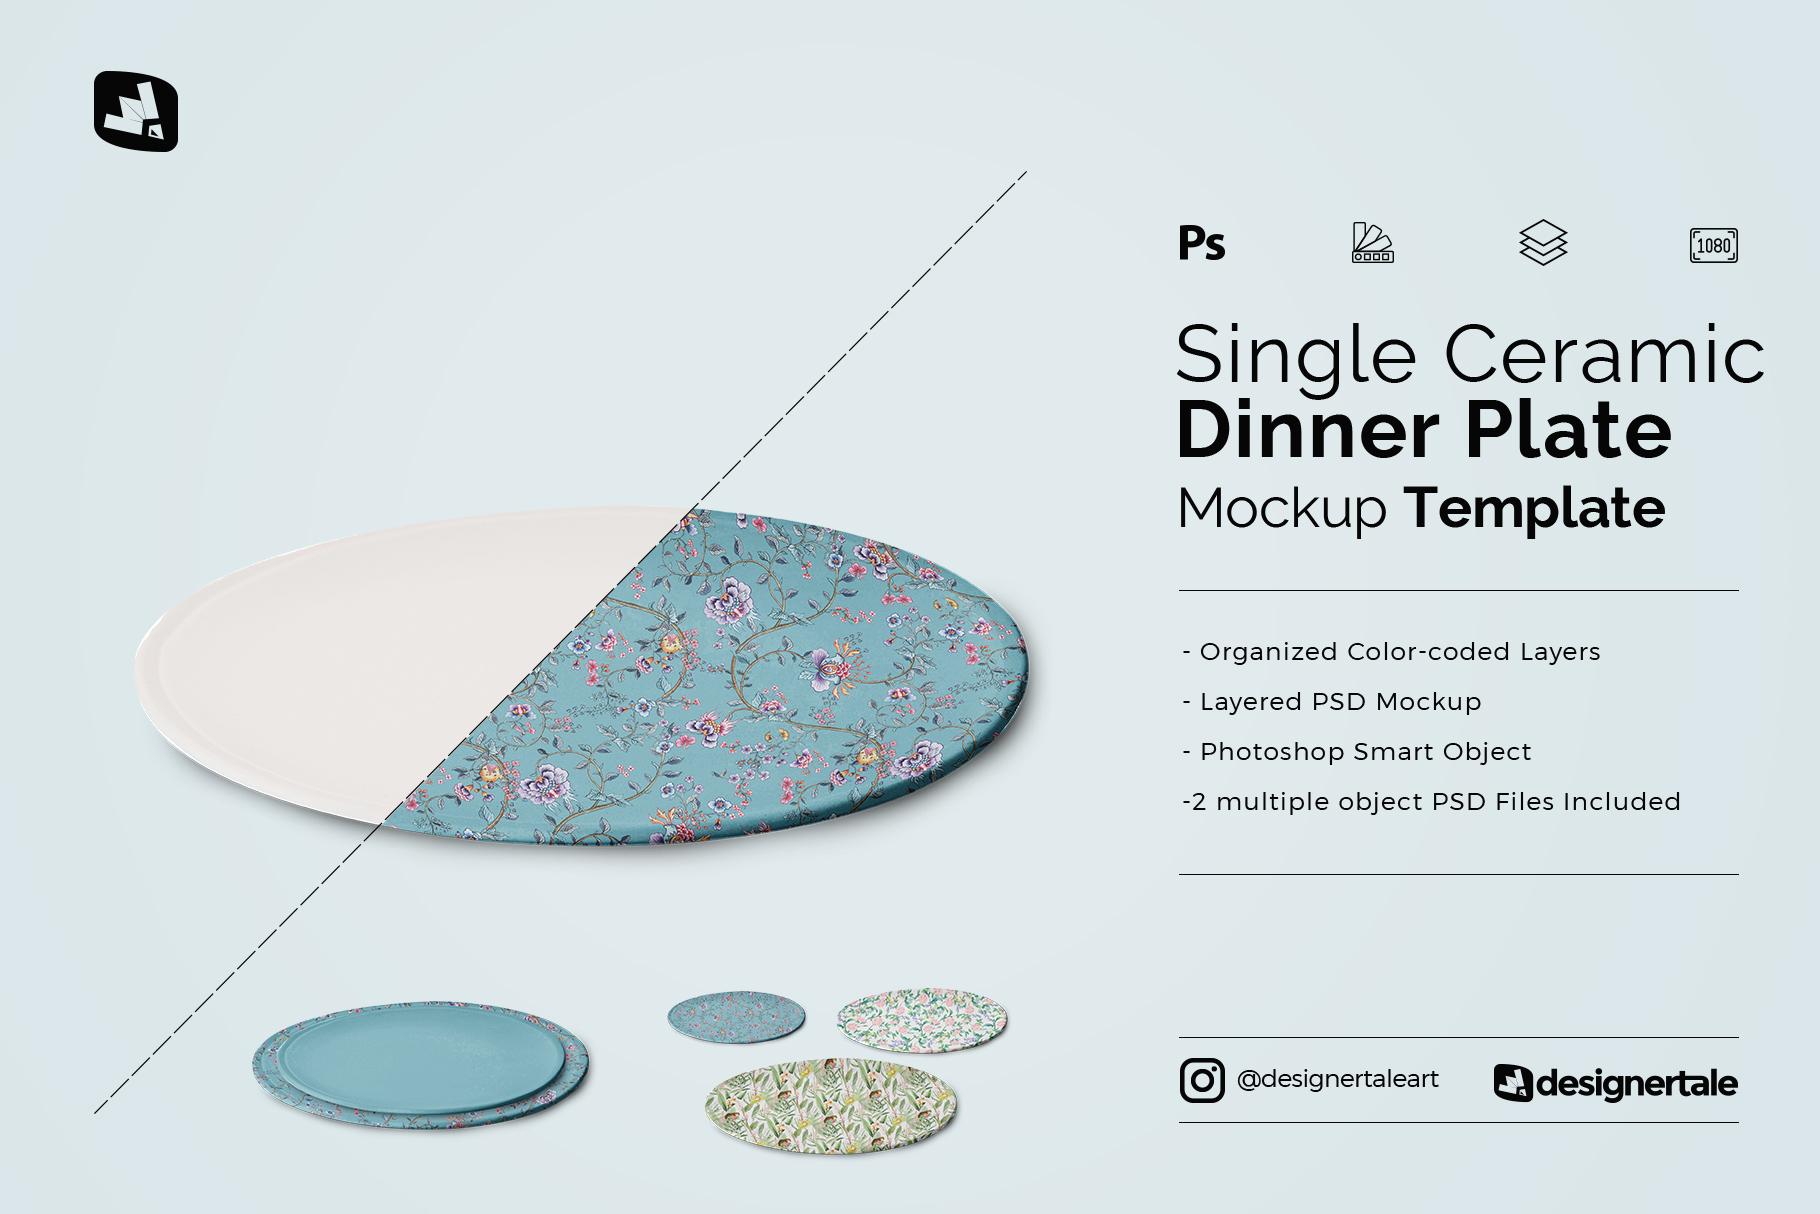 single ceramic dinner plate mockup